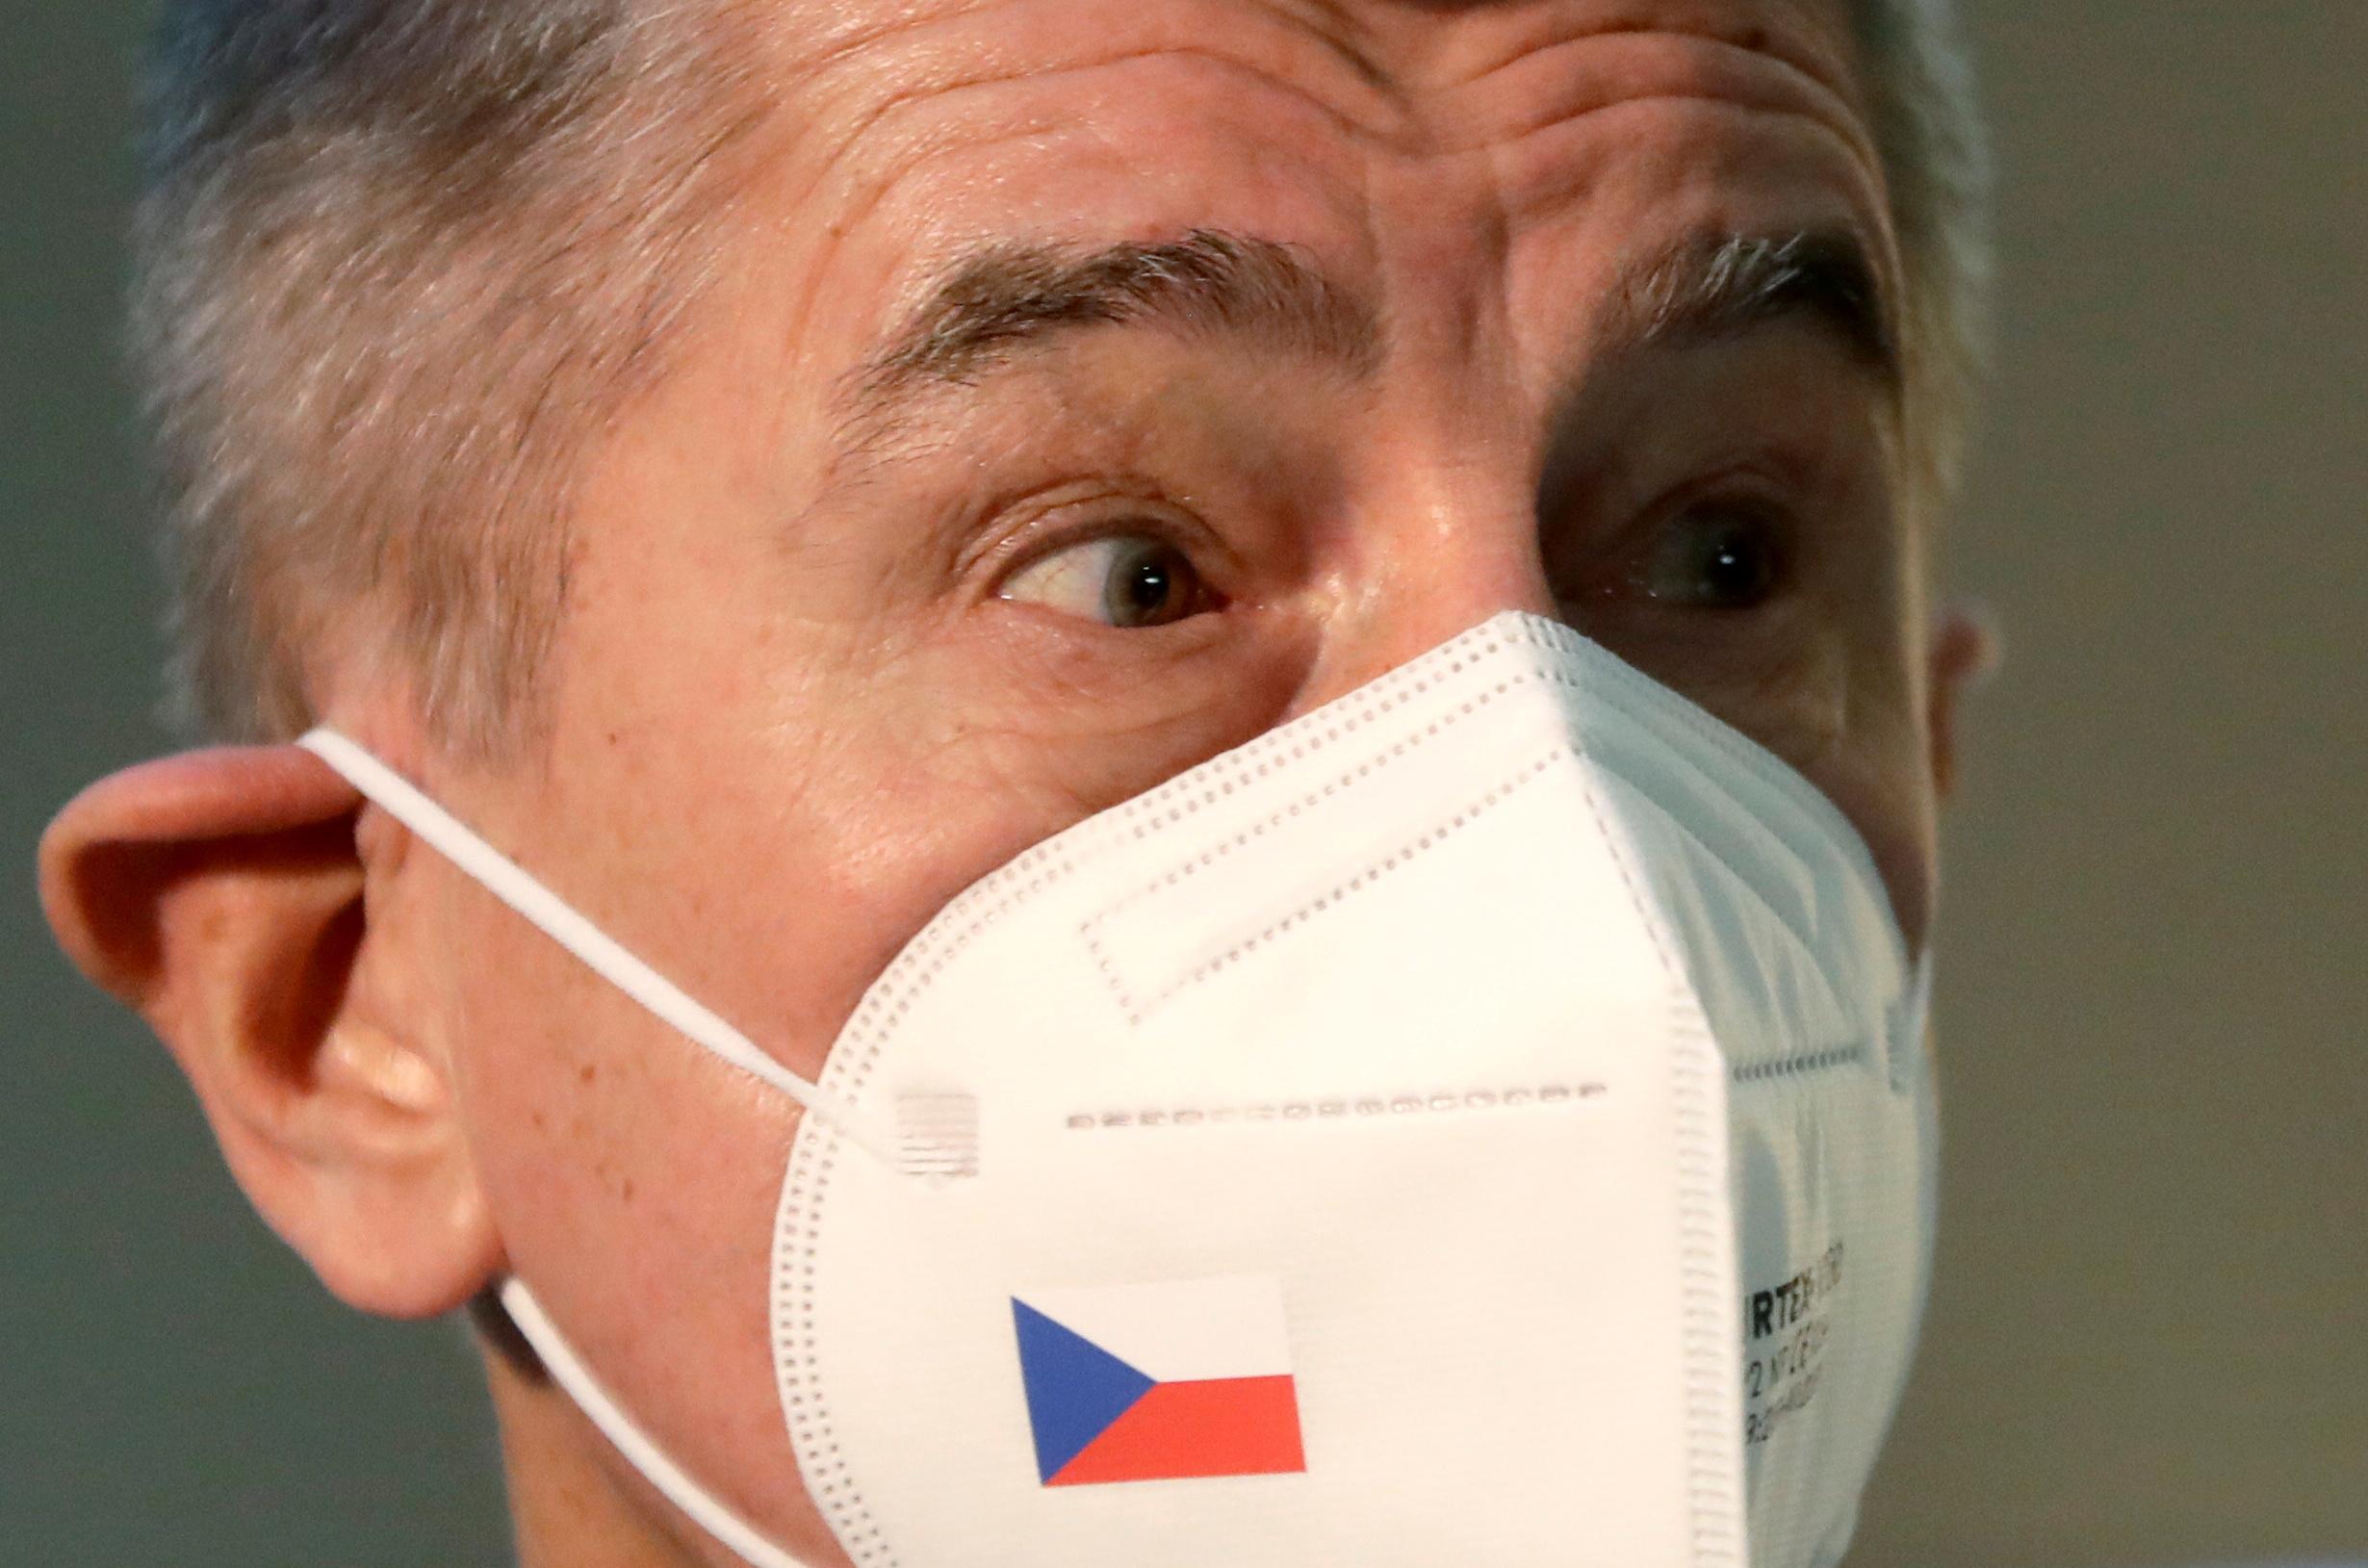 Η συμβολική κίνηση του πρωθυπουργού της Τσεχίας μετά τις βιαιότητες στο Καπιτώλιο